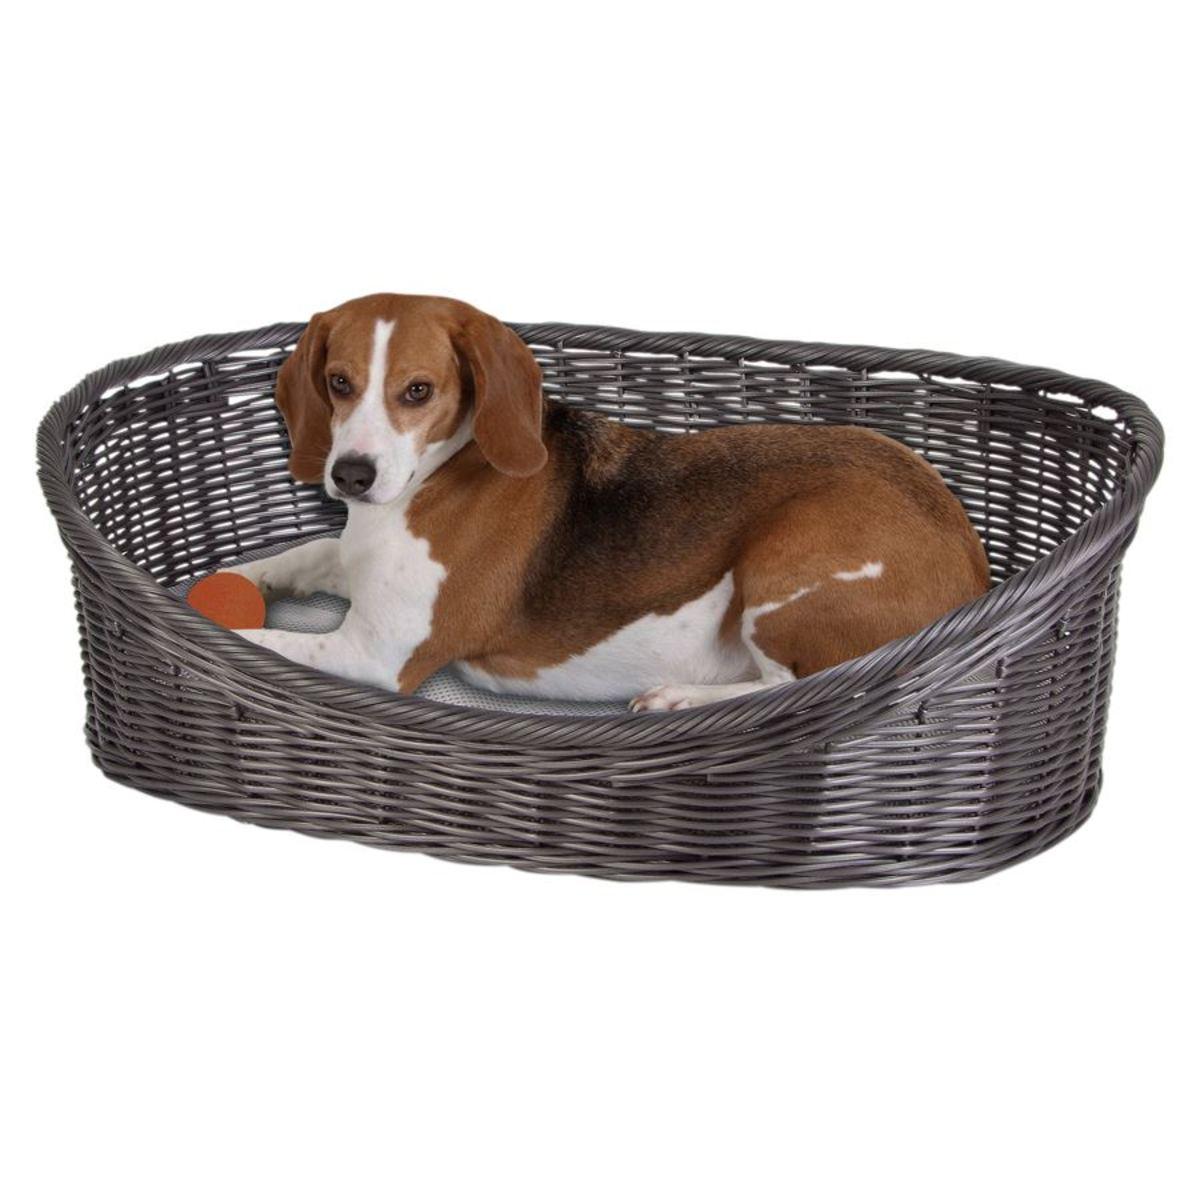 Bild 5 von Hundekörbchen mit Kissen Rattanoptik 4er-Set